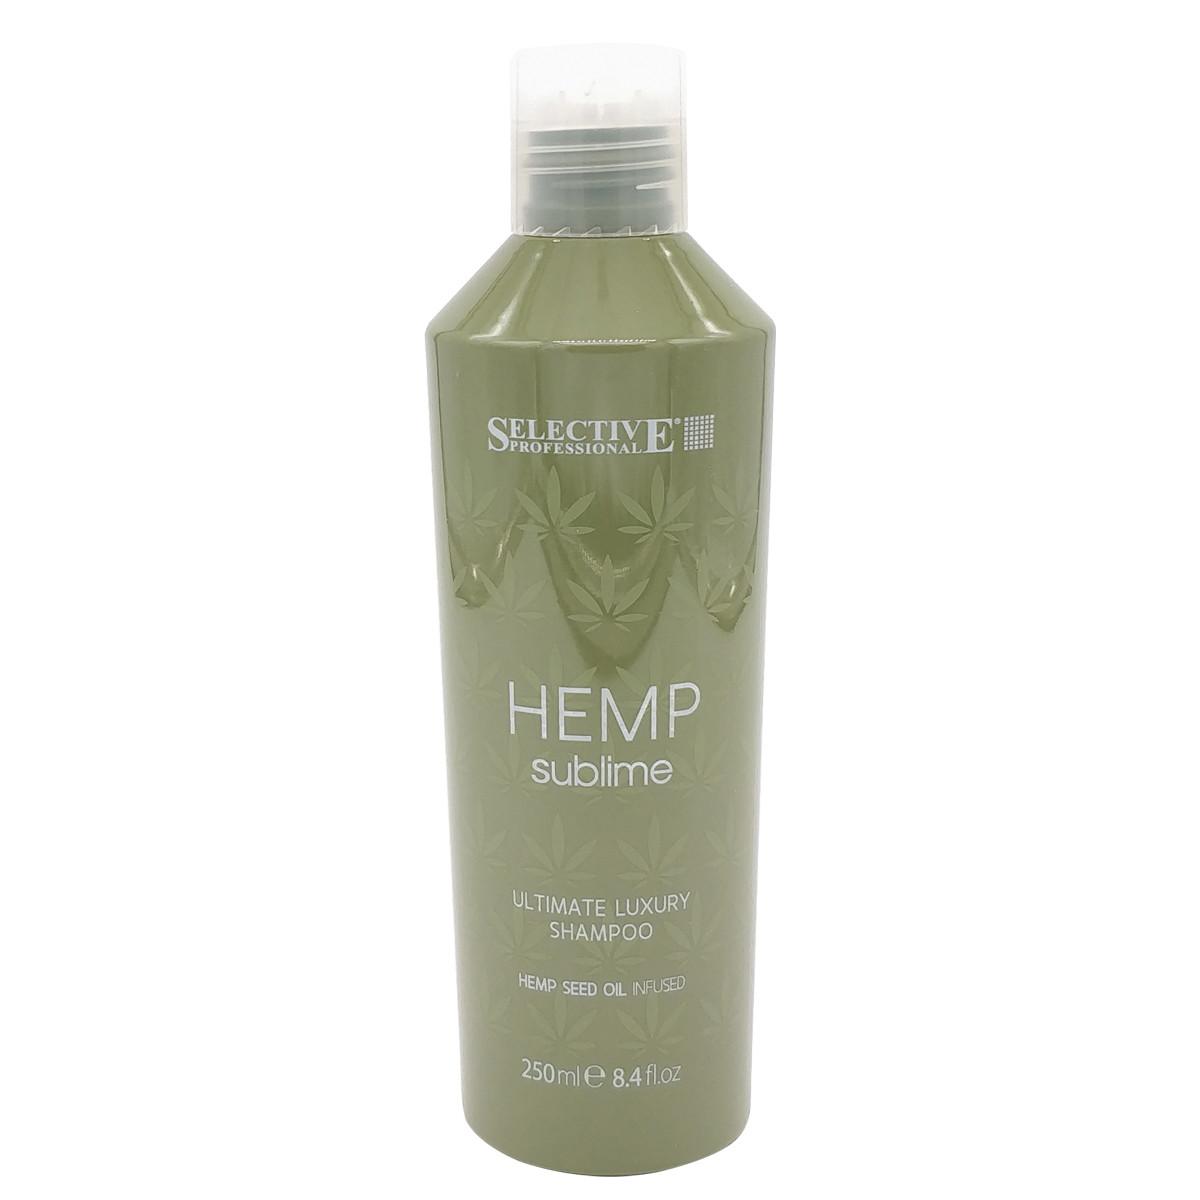 Увлажняющий шампунь с маслом семян конопли для сухих и поврежденных волос  Selective Professional  250 мл